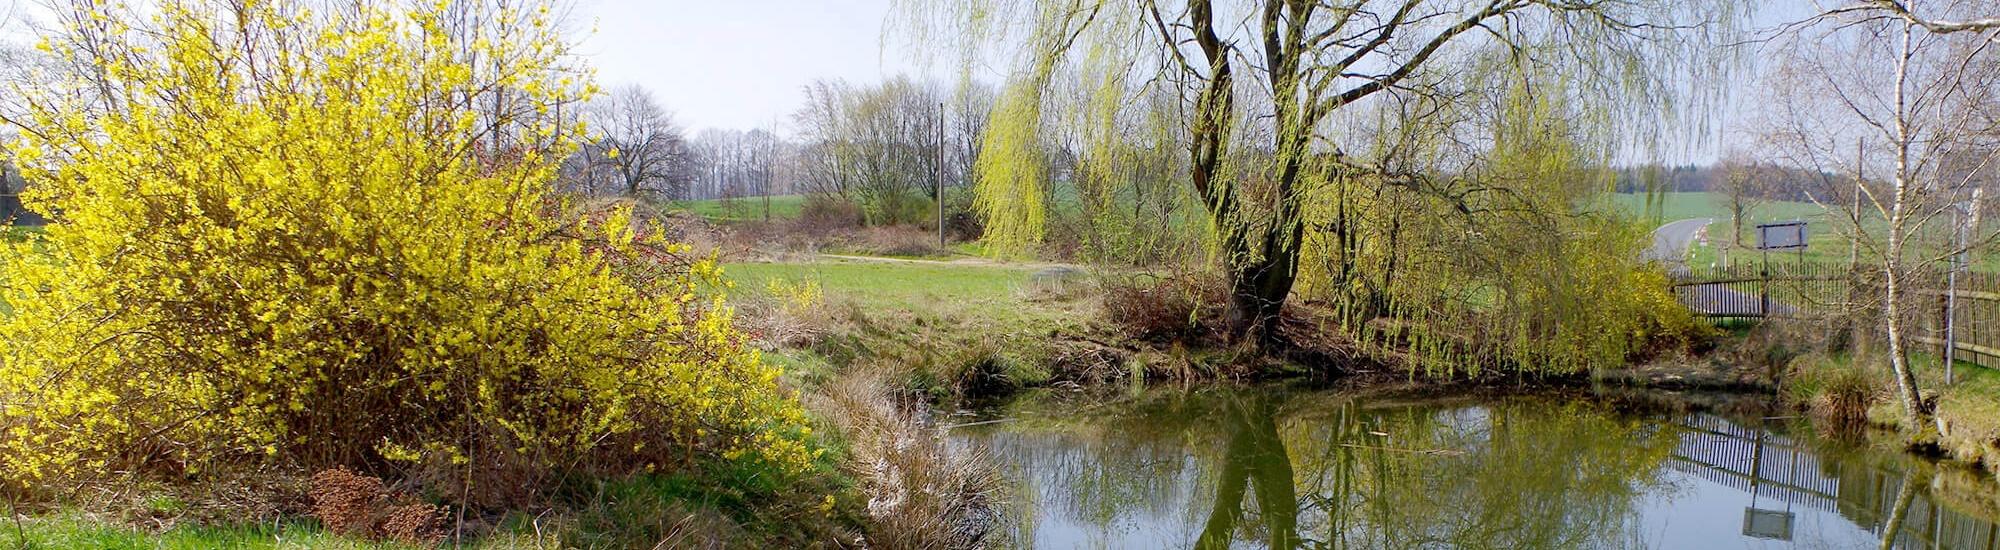 Ferienwohnung-Weißig-Teich